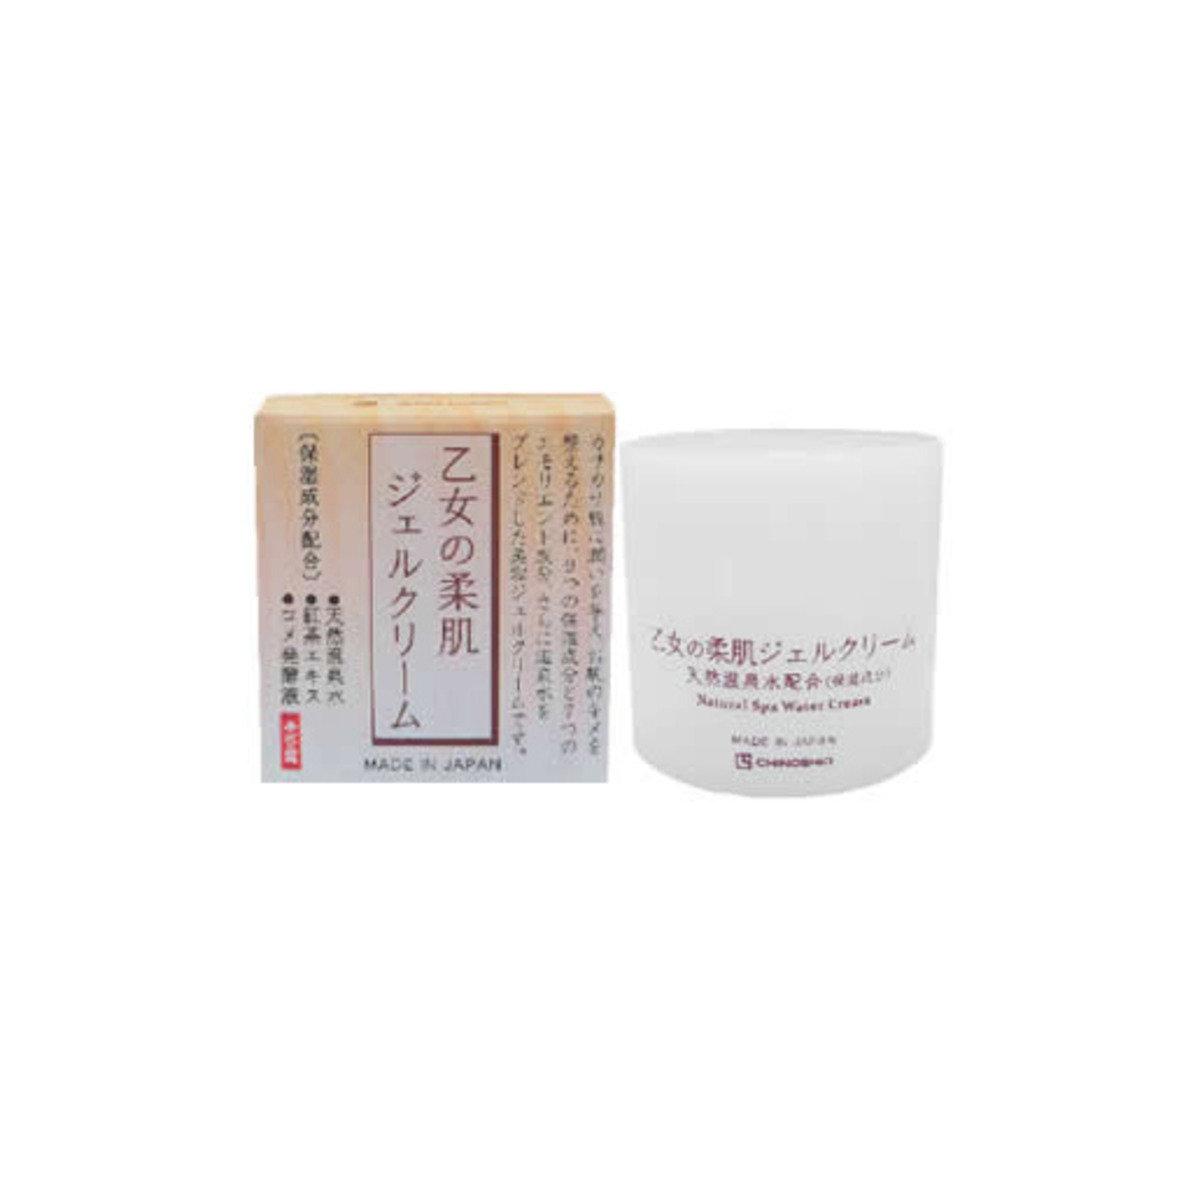 熊本 地之鹽 天然溫泉水保濕面霜(30克)